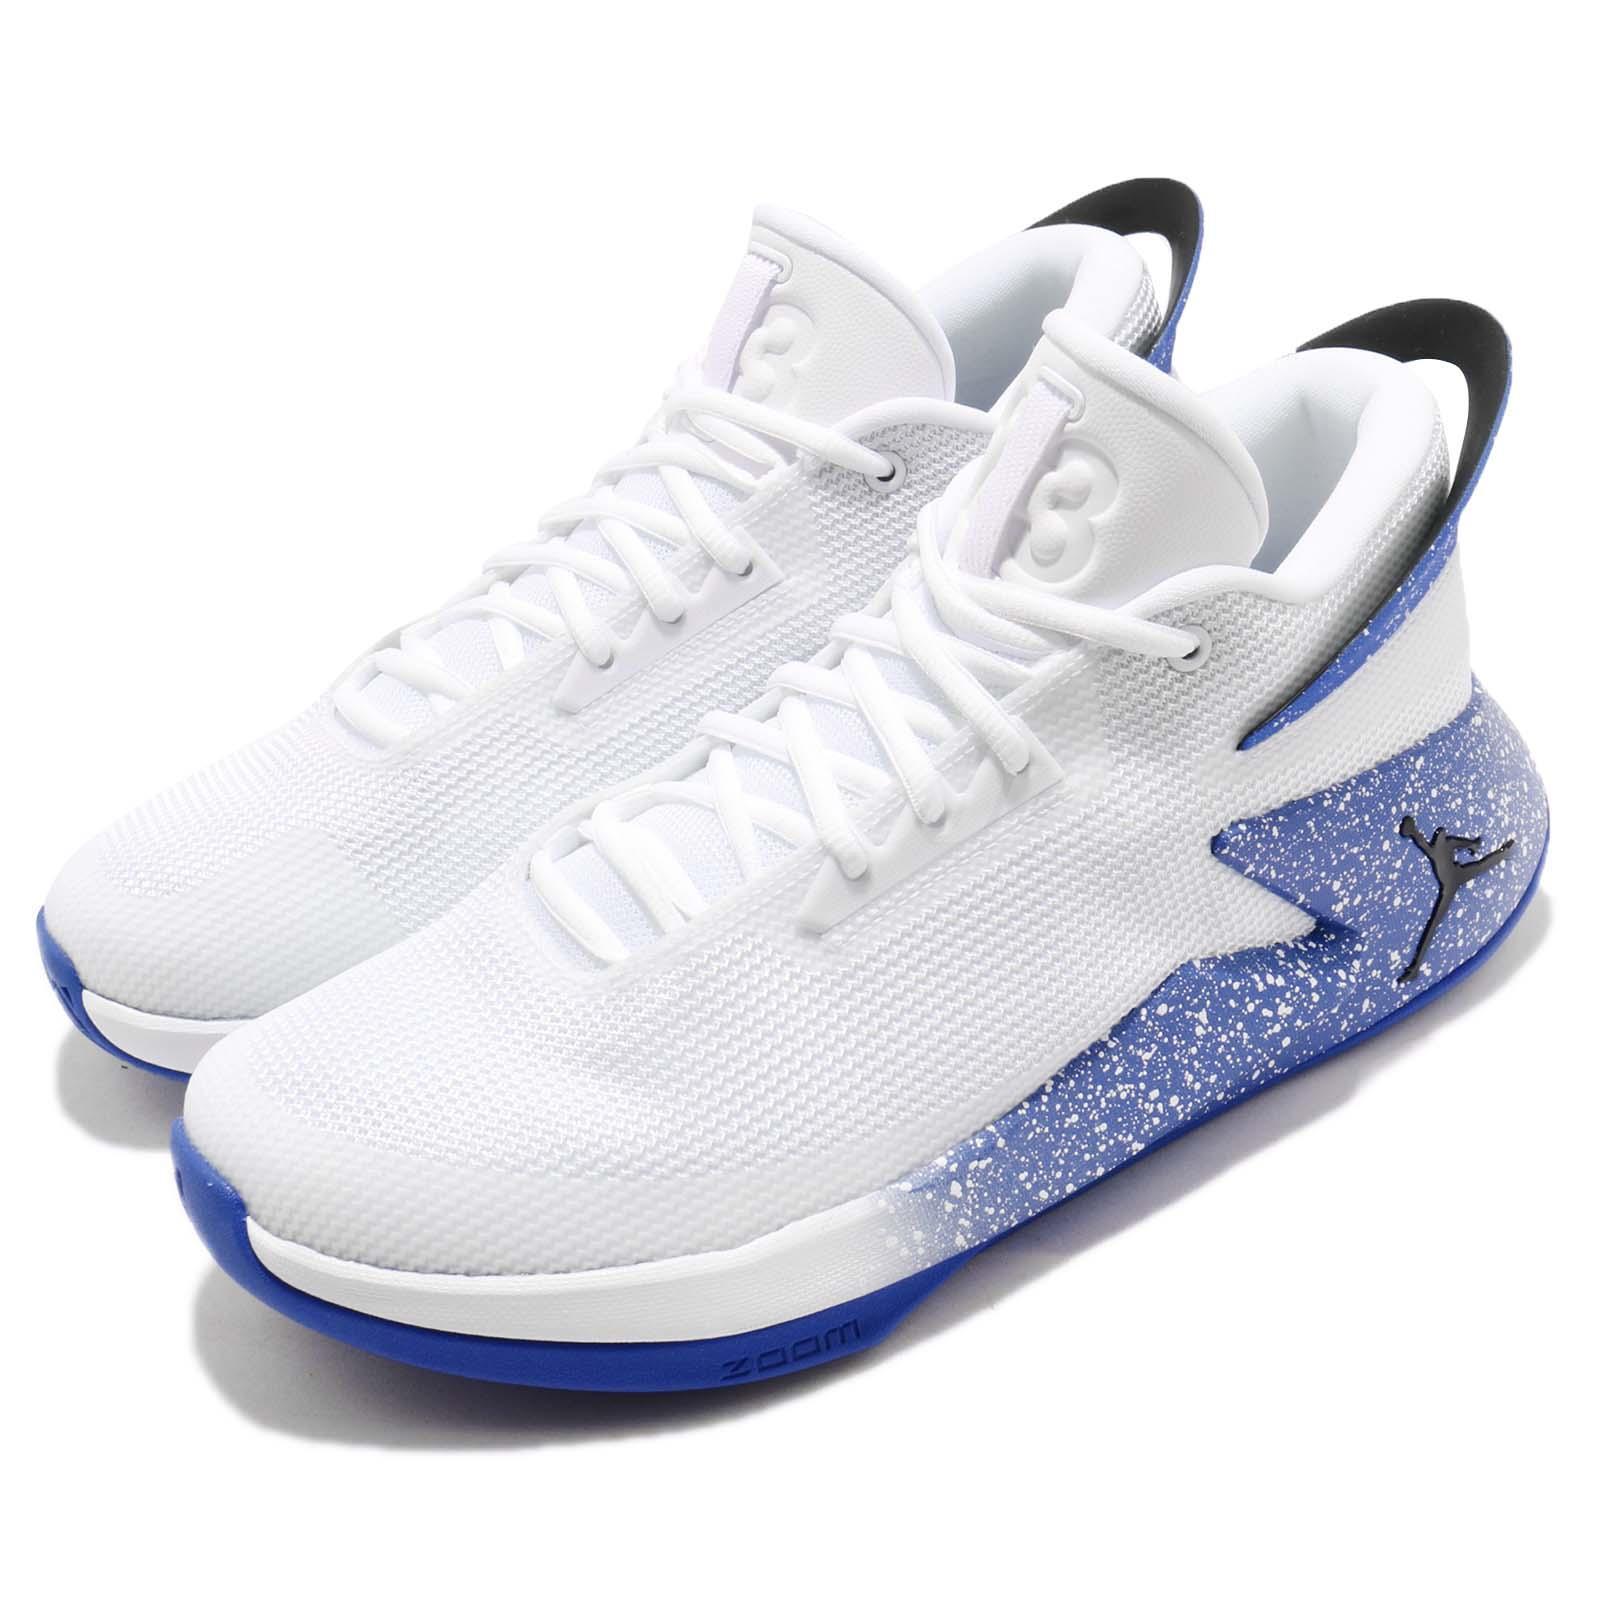 deb0161bac1 Details about Nike Jordan Fly Lockdown PFX White Hyper Royal Men Basketball  Shoes AO1550-104